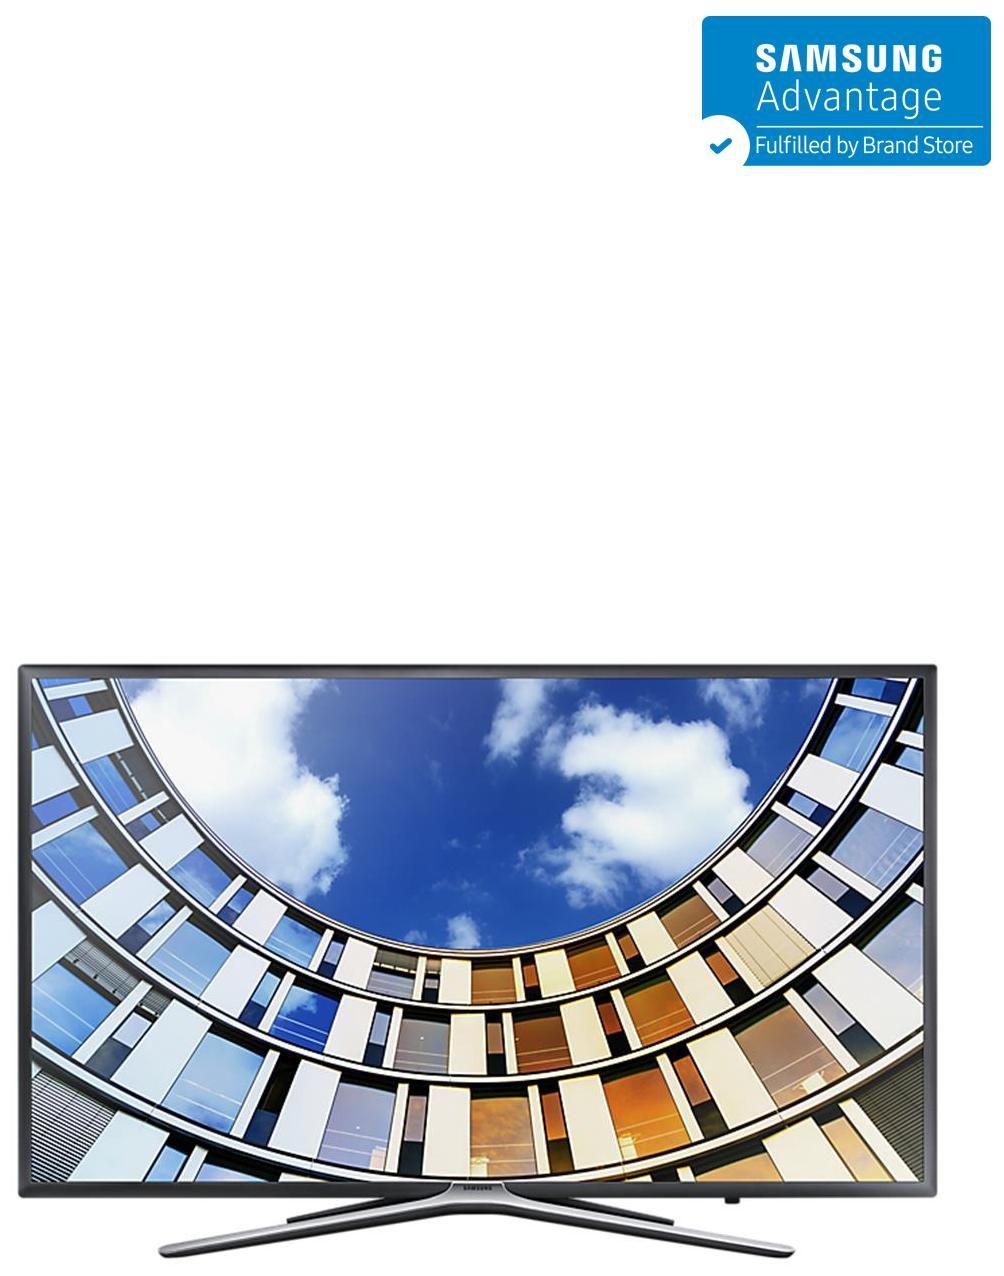 Buy Samsung Smart 138 cm (55 inch) Full HD LED TV